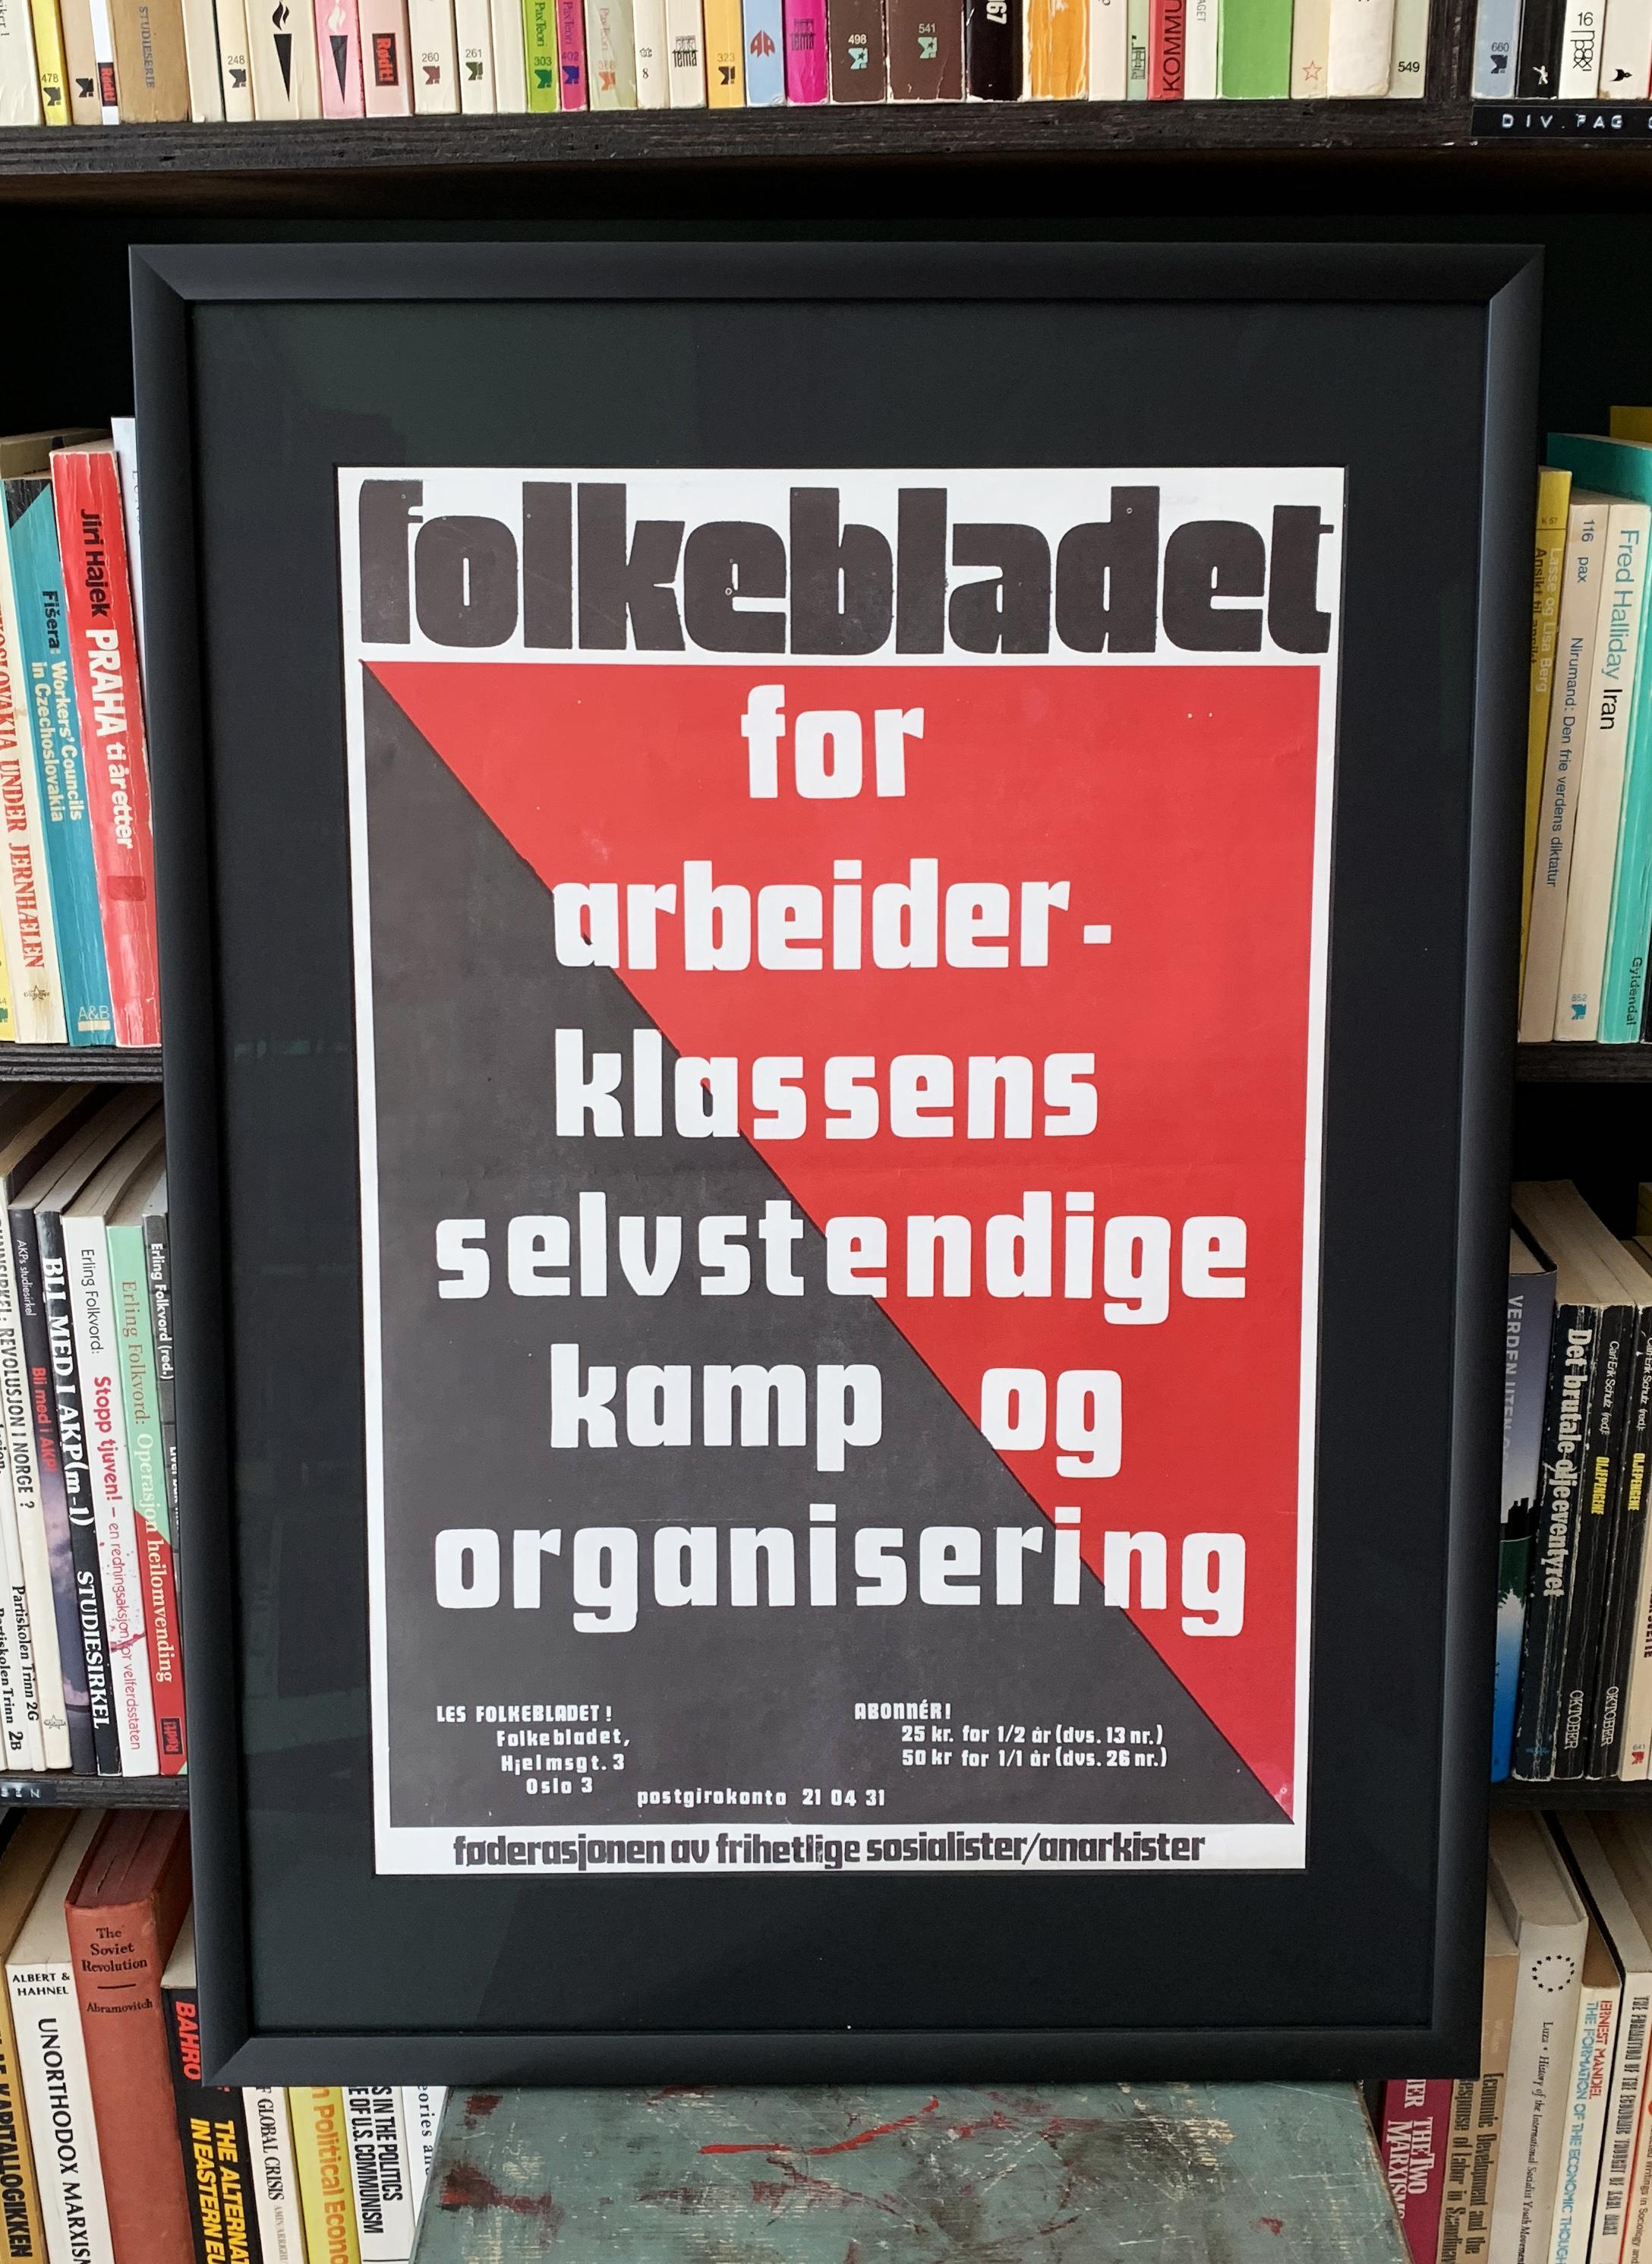 Folkebladet - For arbeiderklassens selvstendige kamp og organisering (ca. 1974)